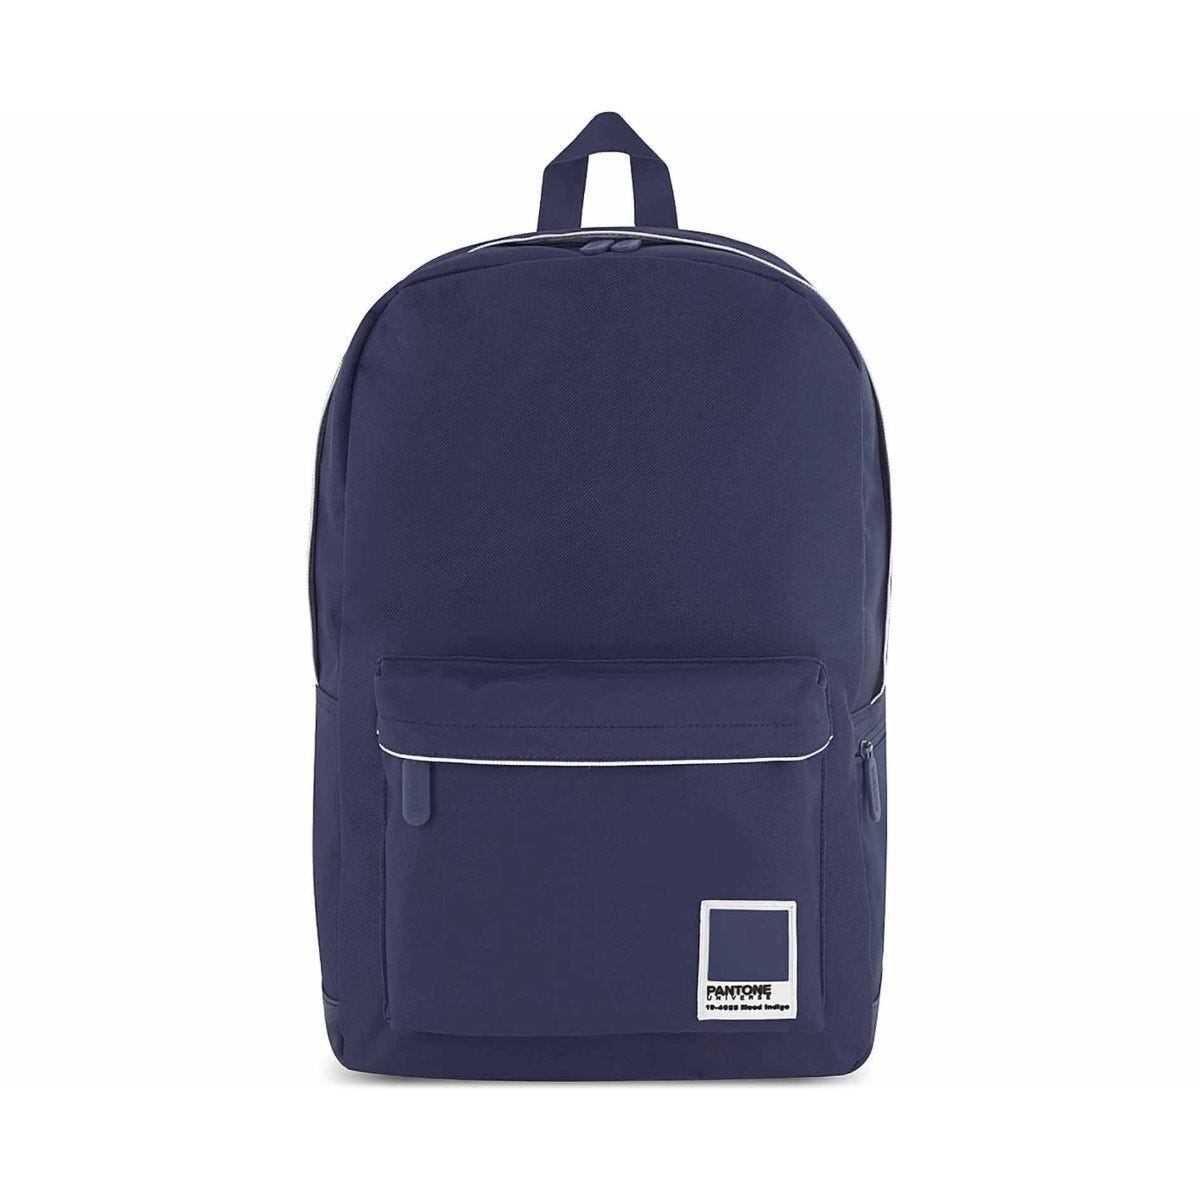 Pantone Laptop Backpack Large Mood Indigo